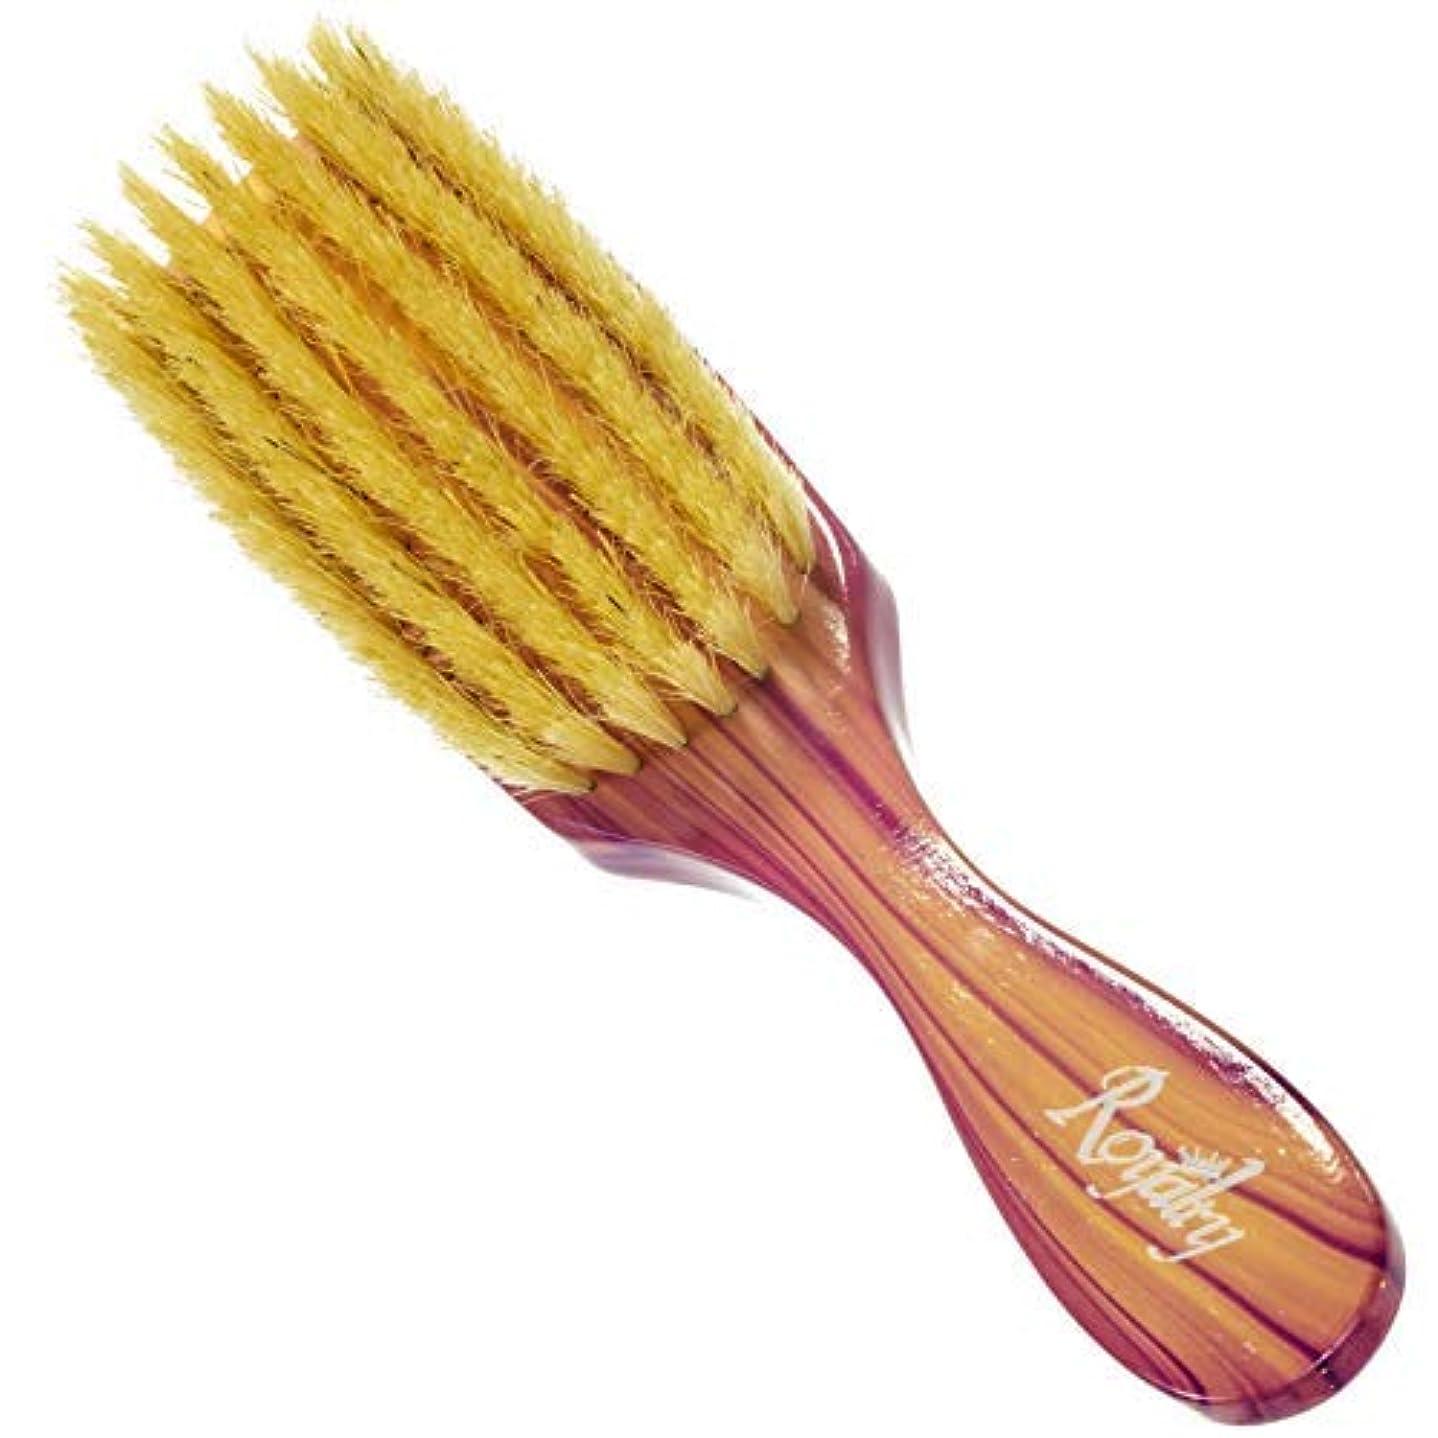 ジャンプする屋内で賠償Royalty By Brush King Wave Brush #703- Medium Soft Brush - From The Maker Of Torino Pro 360 Wave Brushes [並行輸入品]